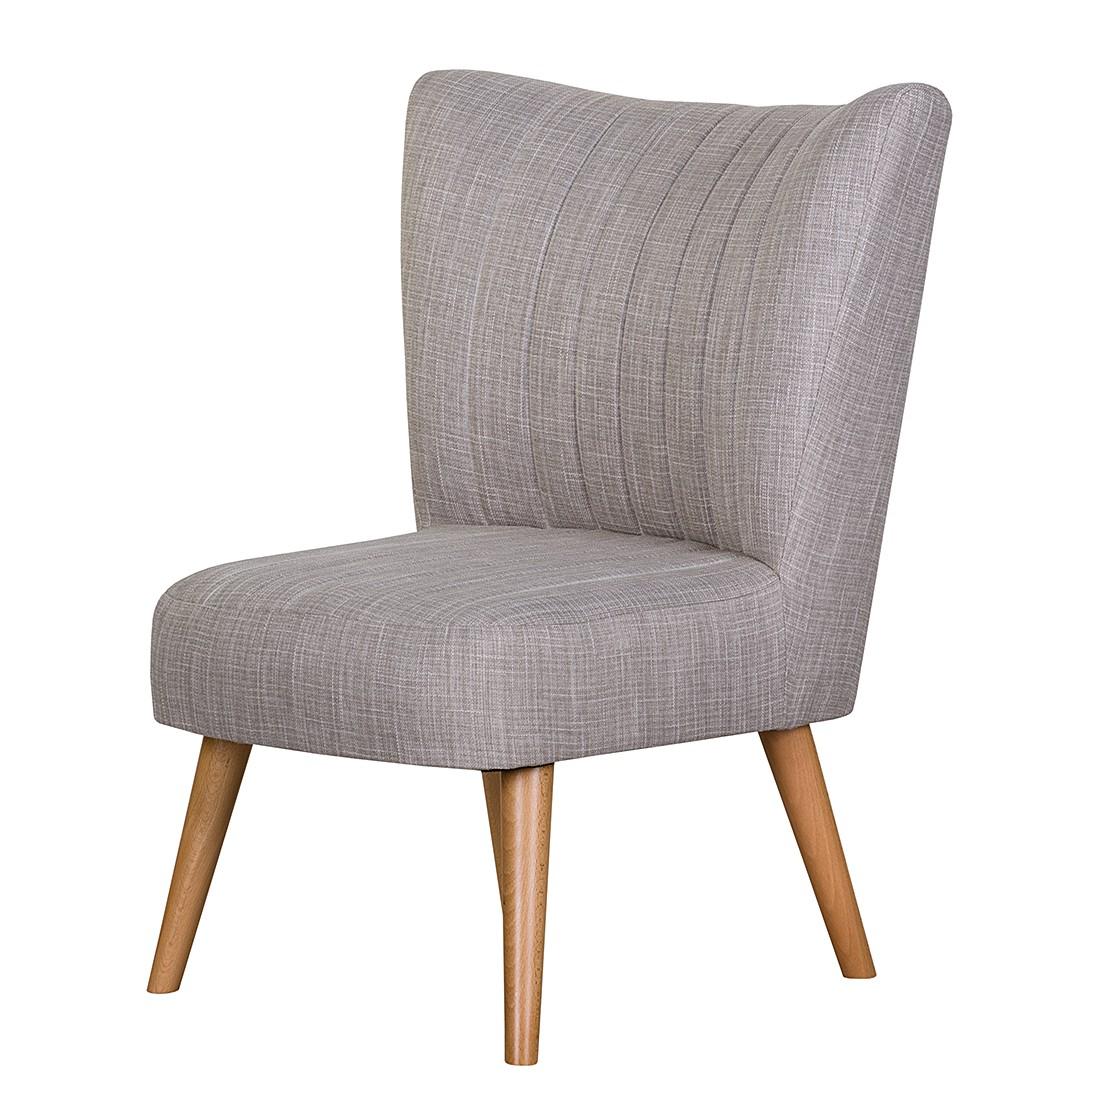 Morteens Sessel Mikkel - Webstoff - Beige